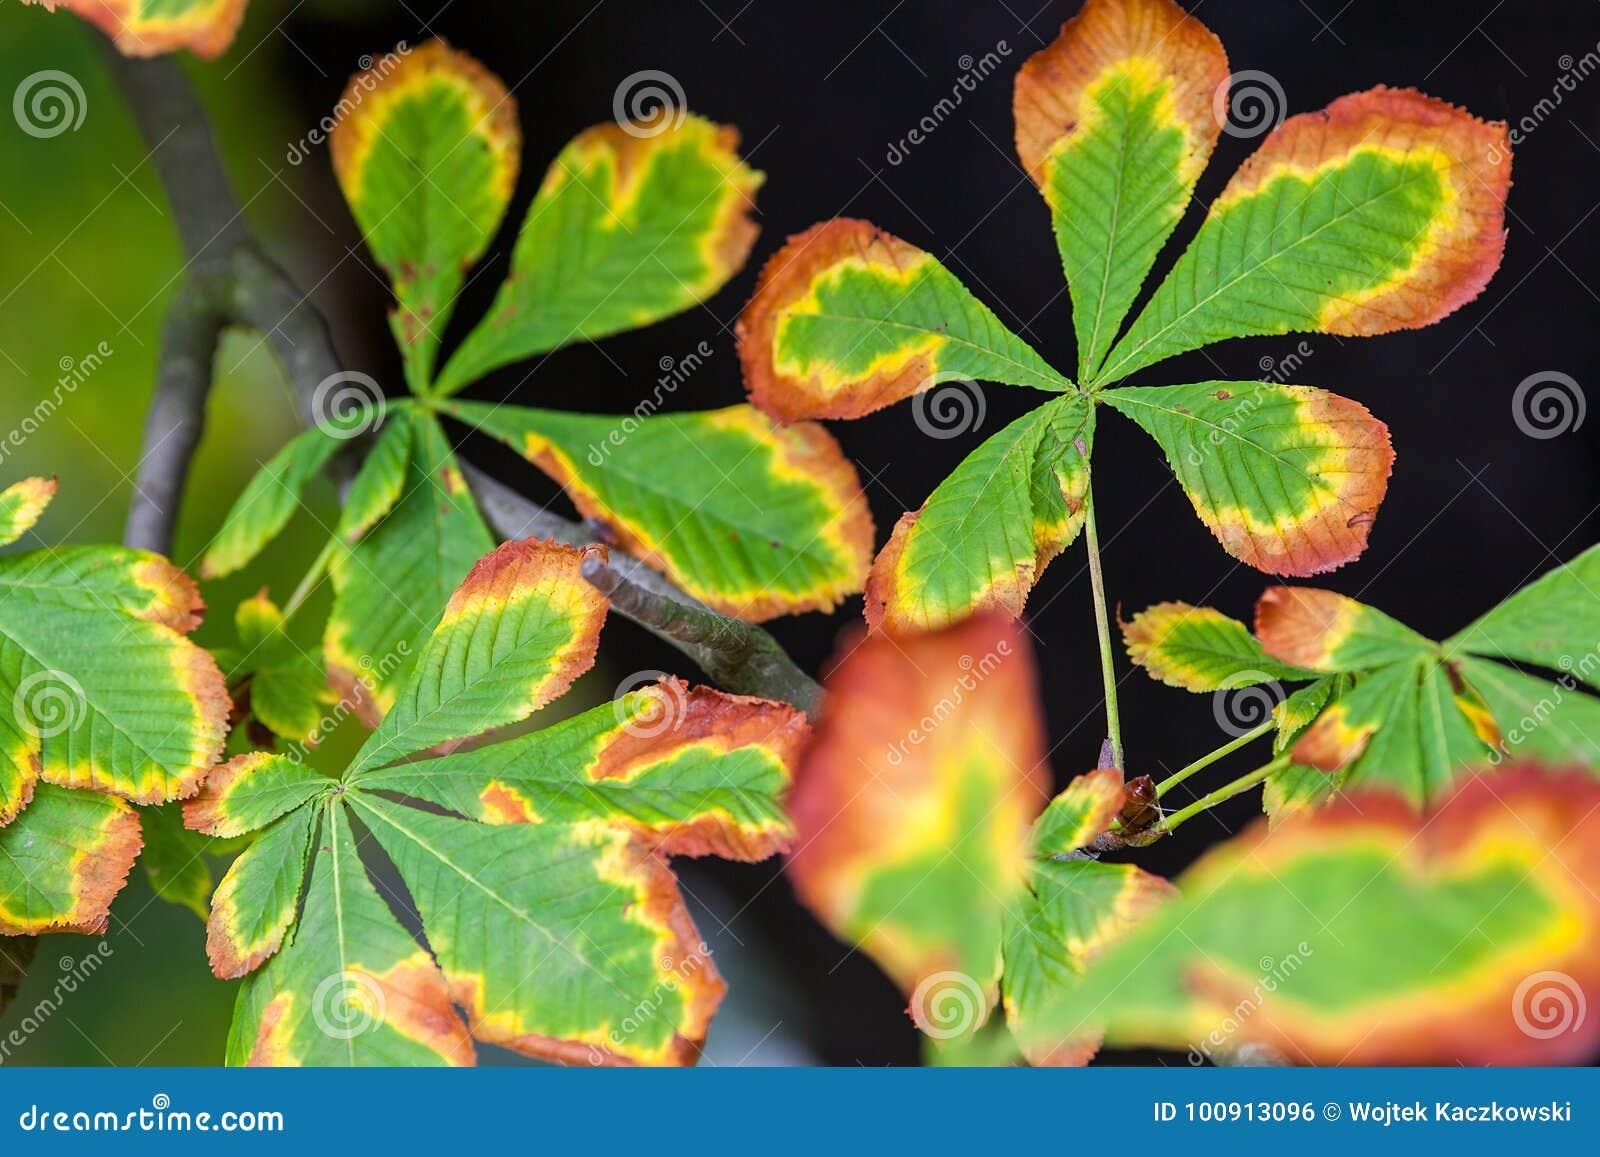 Herbst und Natur stockfoto. Bild von frucht, farbe, garten - 100913096